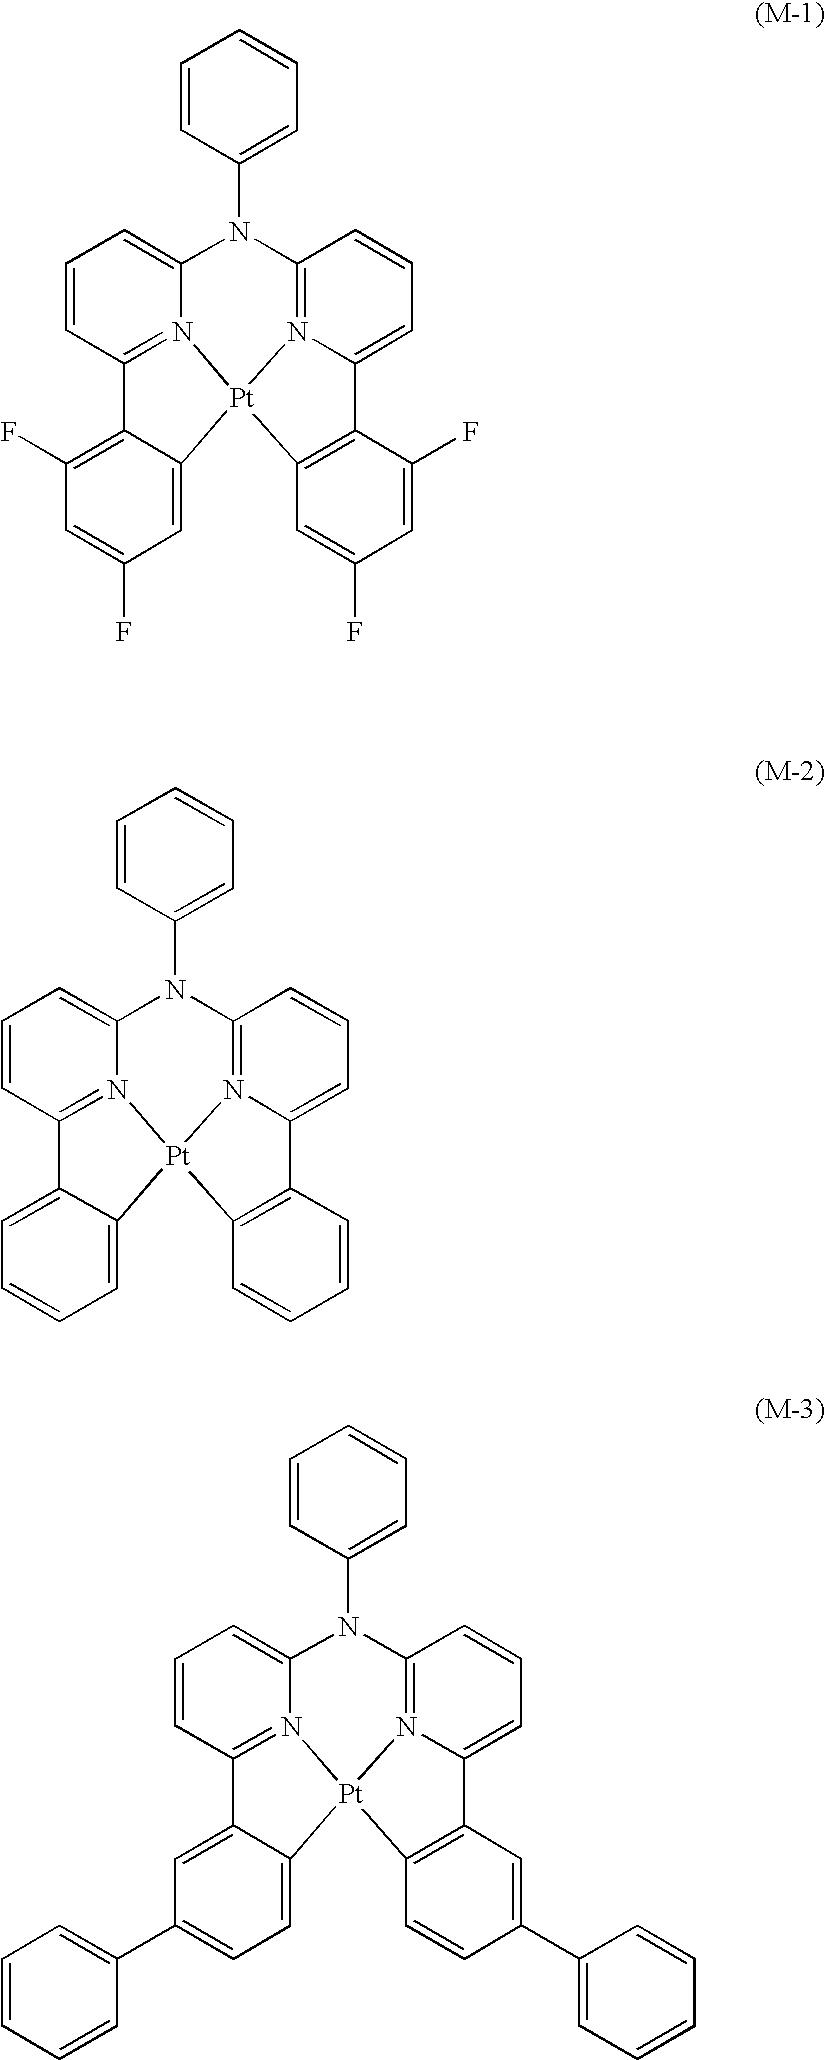 Figure US20100244677A1-20100930-C00044